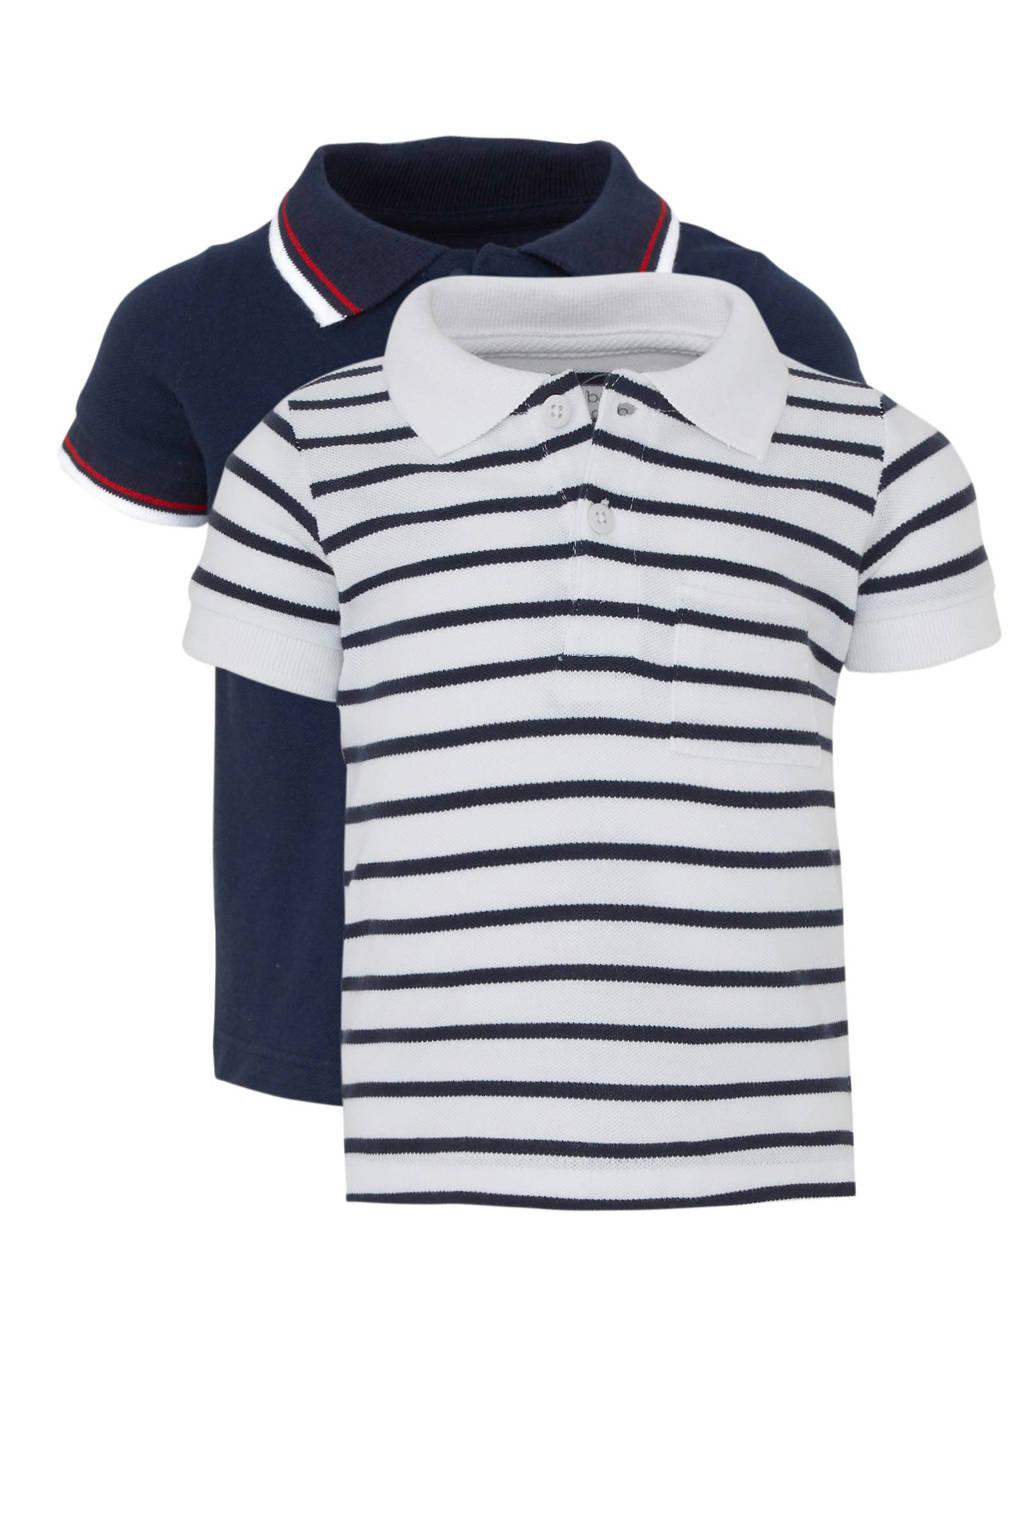 C&A Baby Club gestreepte polo wit/zwart/donkerblauw, Wit/zwart/donkerblauw